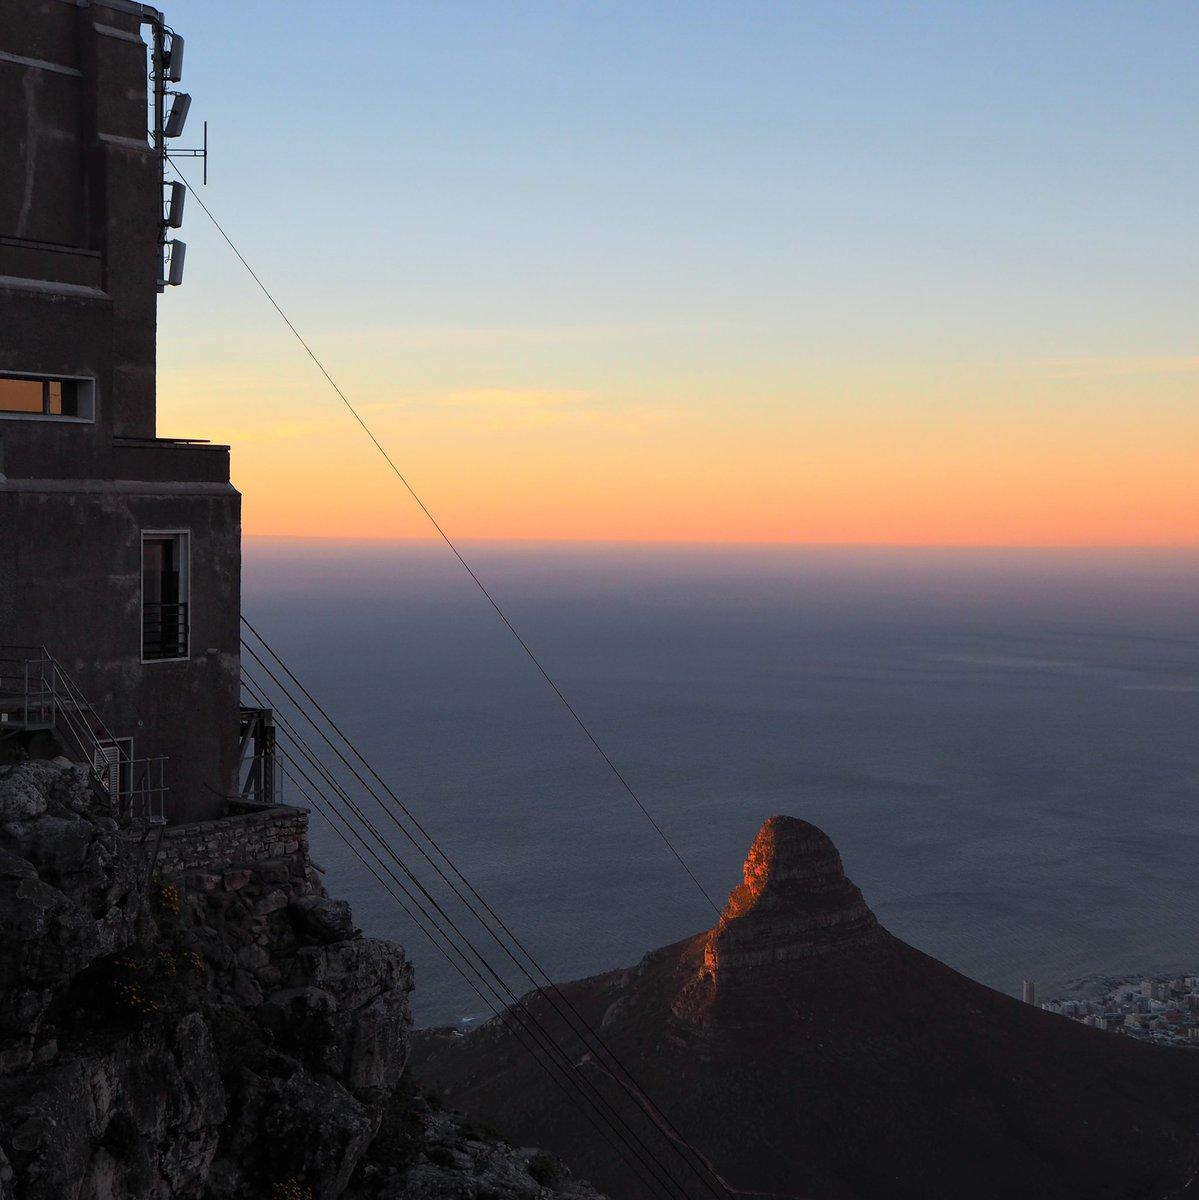 The Roaming Giraffe On Twitter Good Morning Capetown Hello